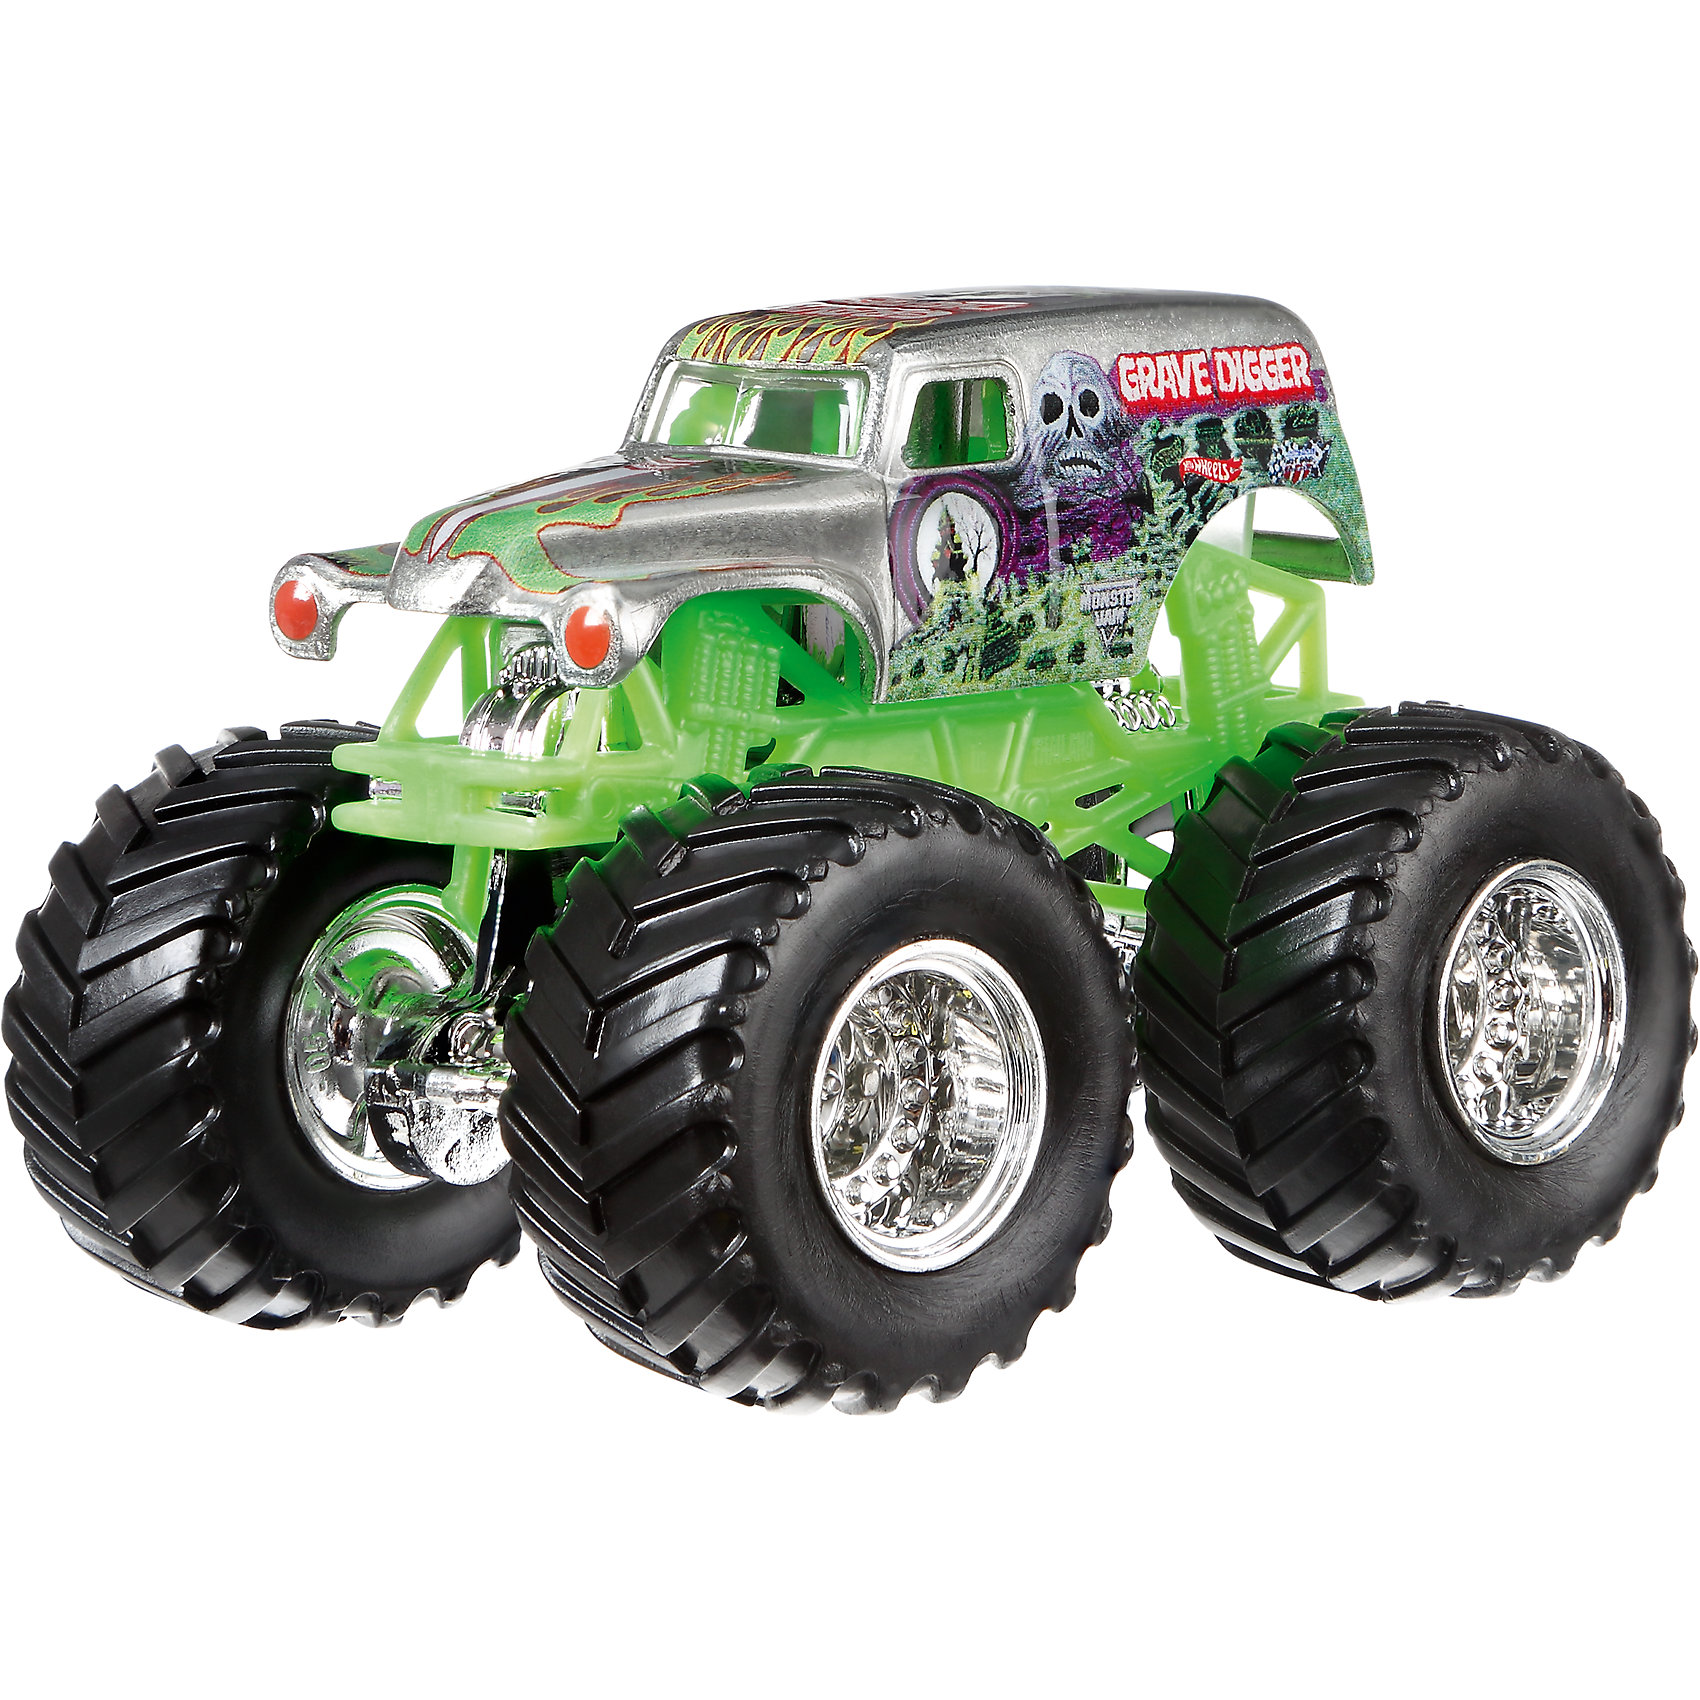 Машинка 1:64,  Monster Jam, Hot WheelsПопулярные игрушки<br>Характеристики игрушечной машинки Хот Вилс:<br><br>• серия: Monster Jam;<br>• масштаб: 1:64;<br>• литой корпус;<br>• хромированные диски;<br>• проходимость колес; <br>• длина машинки: 8,5 см;<br>• размер упаковки: 17,5х14х7,5 см;<br>• вес в упаковке: 115 г.<br><br>Игрушечная модель машинки Hot Wheels на мощных колесах большого диаметра отличается высокой проходимостью, претендует на первенство в гонках, имеет литой корпус. Комбинированное использования пластика и металла делает машинку прочной и устойчивой к ударам и падениям. Тюнинг трюкового внедорожника Monster Jam соответствует пожеланиям юных коллекционеров линейки автомобилей Hot Wheels. <br><br>Машинку 1:64, Monster Jam, Hot Wheels можно купить в нашем интернет-магазине.<br><br>Ширина мм: 65<br>Глубина мм: 140<br>Высота мм: 175<br>Вес г: 130<br>Возраст от месяцев: 36<br>Возраст до месяцев: 84<br>Пол: Мужской<br>Возраст: Детский<br>SKU: 5284999